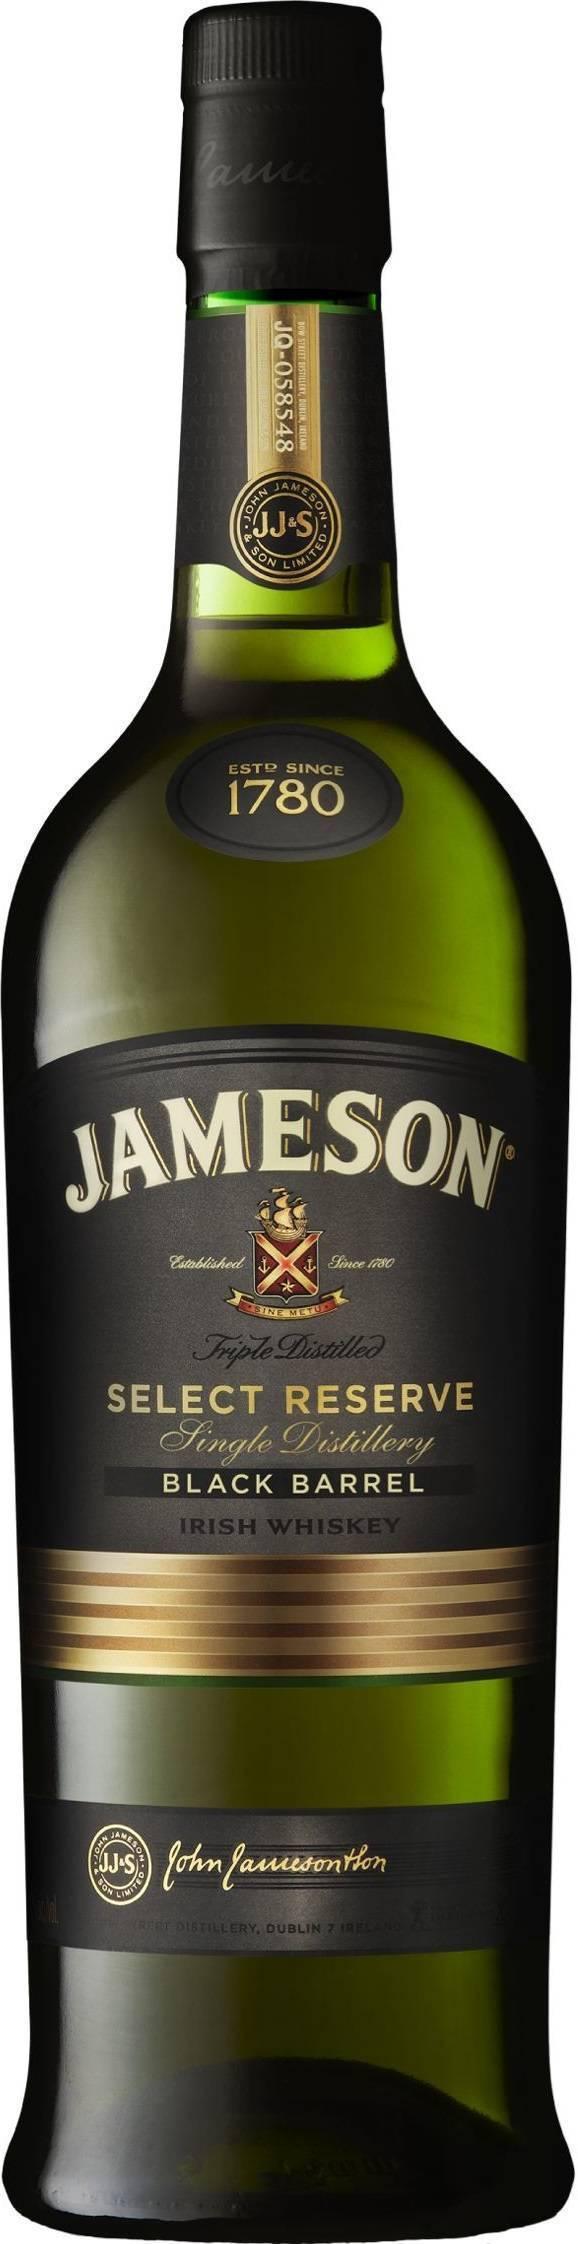 Jameson black barrel select reserve (1l) günstig kaufen